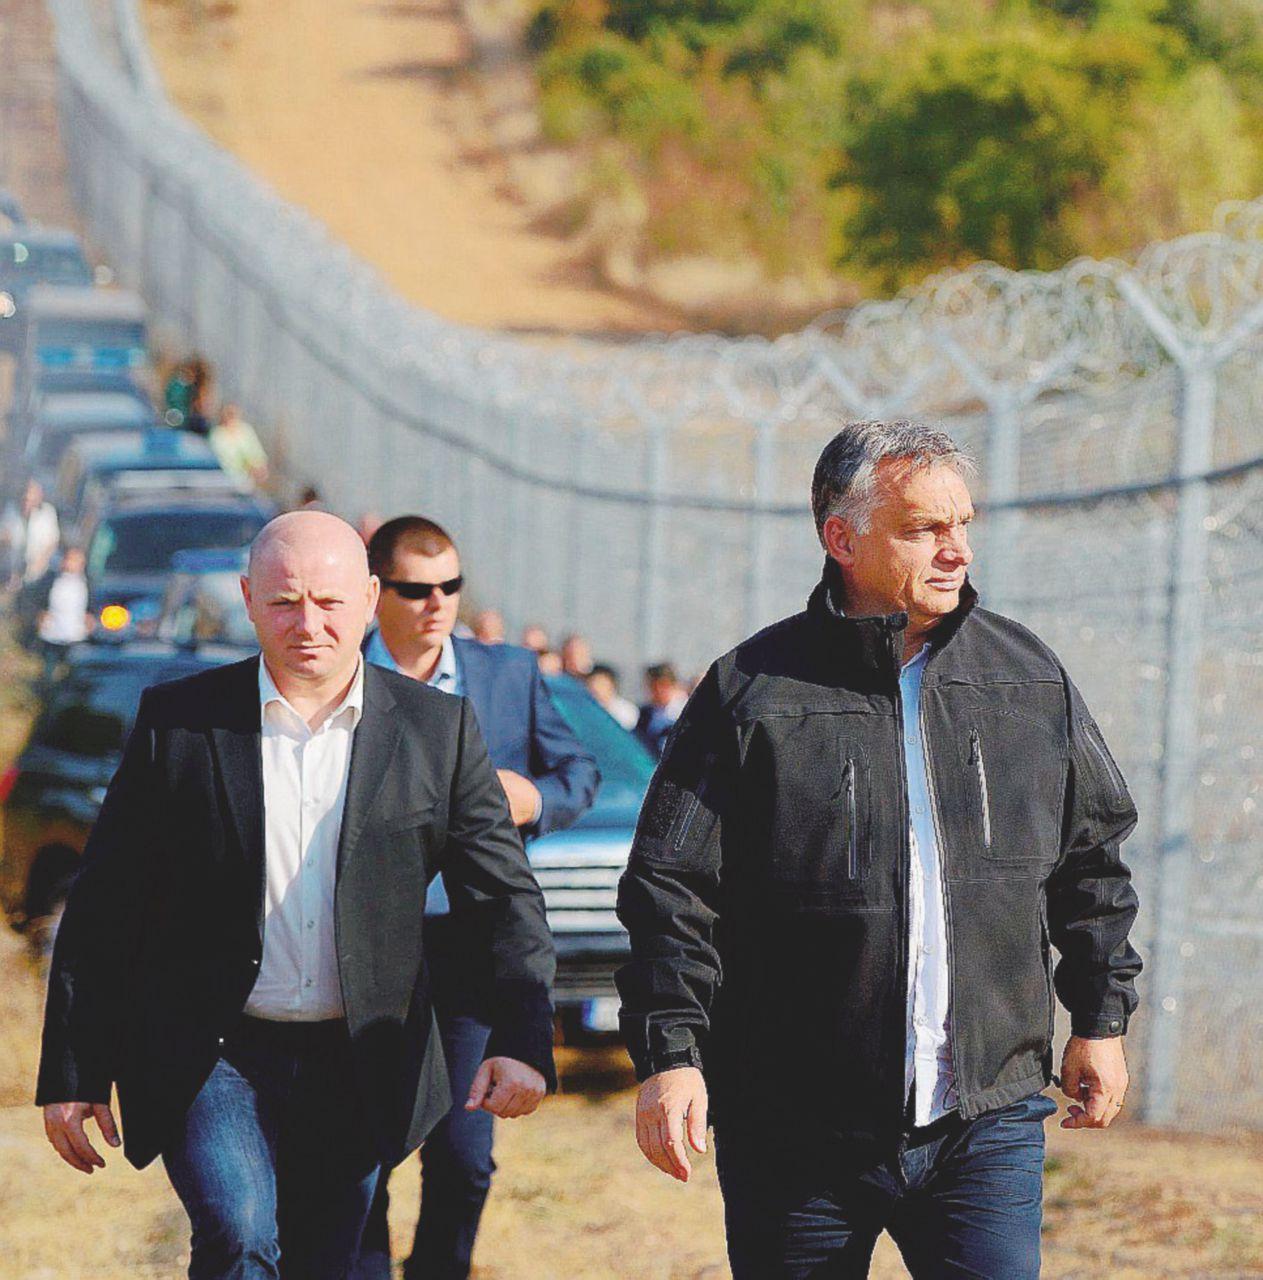 Il format xenofobo che Orbán esporta nell'Europa dell'Est